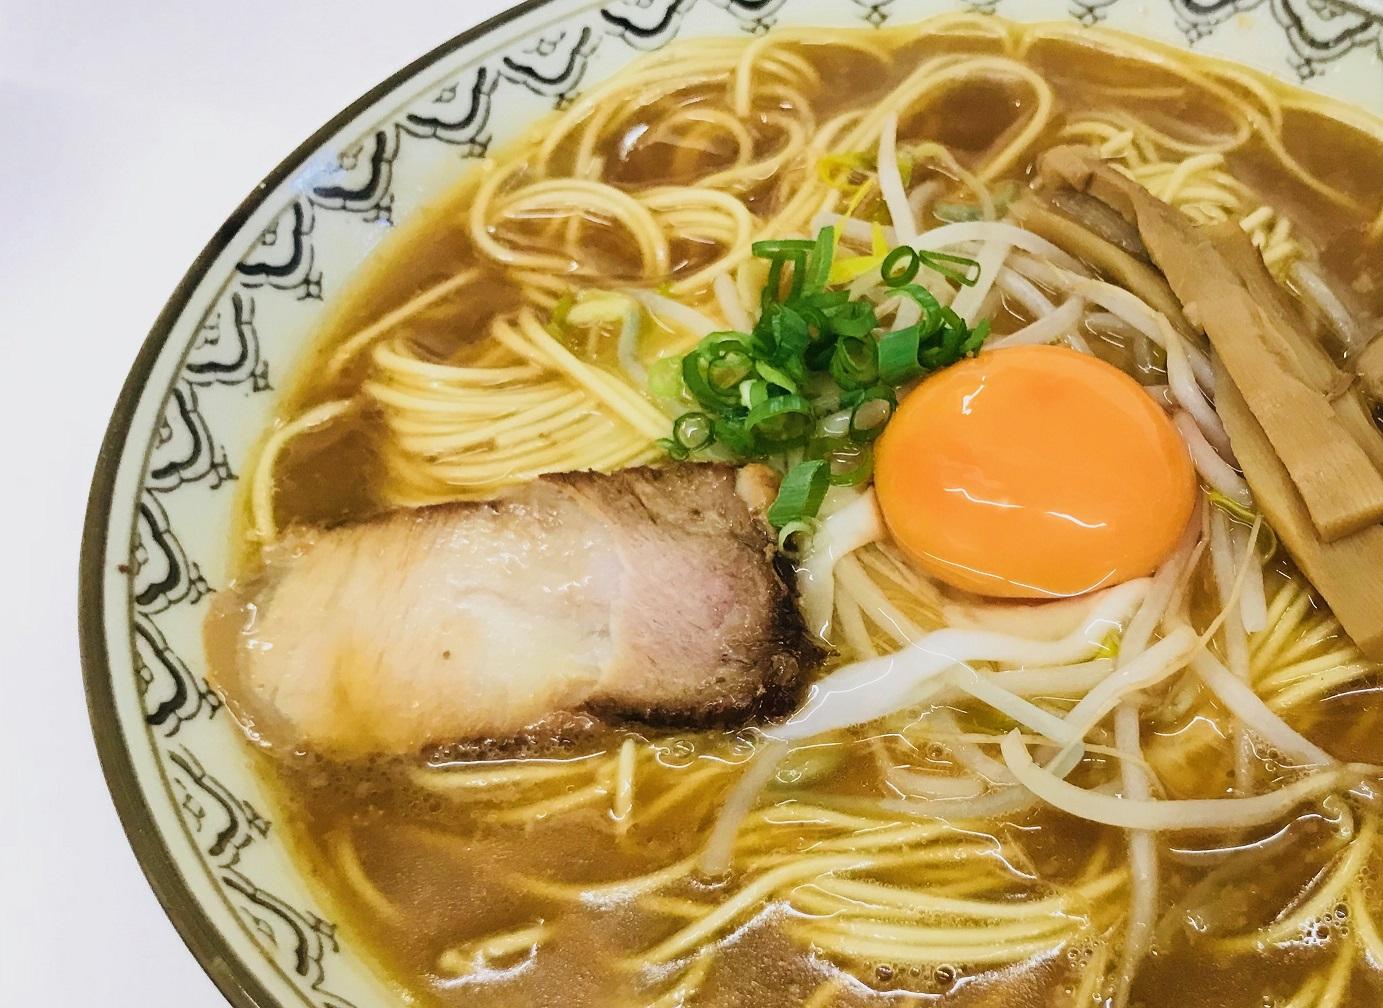 暑い夏だってラーメンが食べたくなるよね!? うん、なるなる! 徳島市ラーメン3選